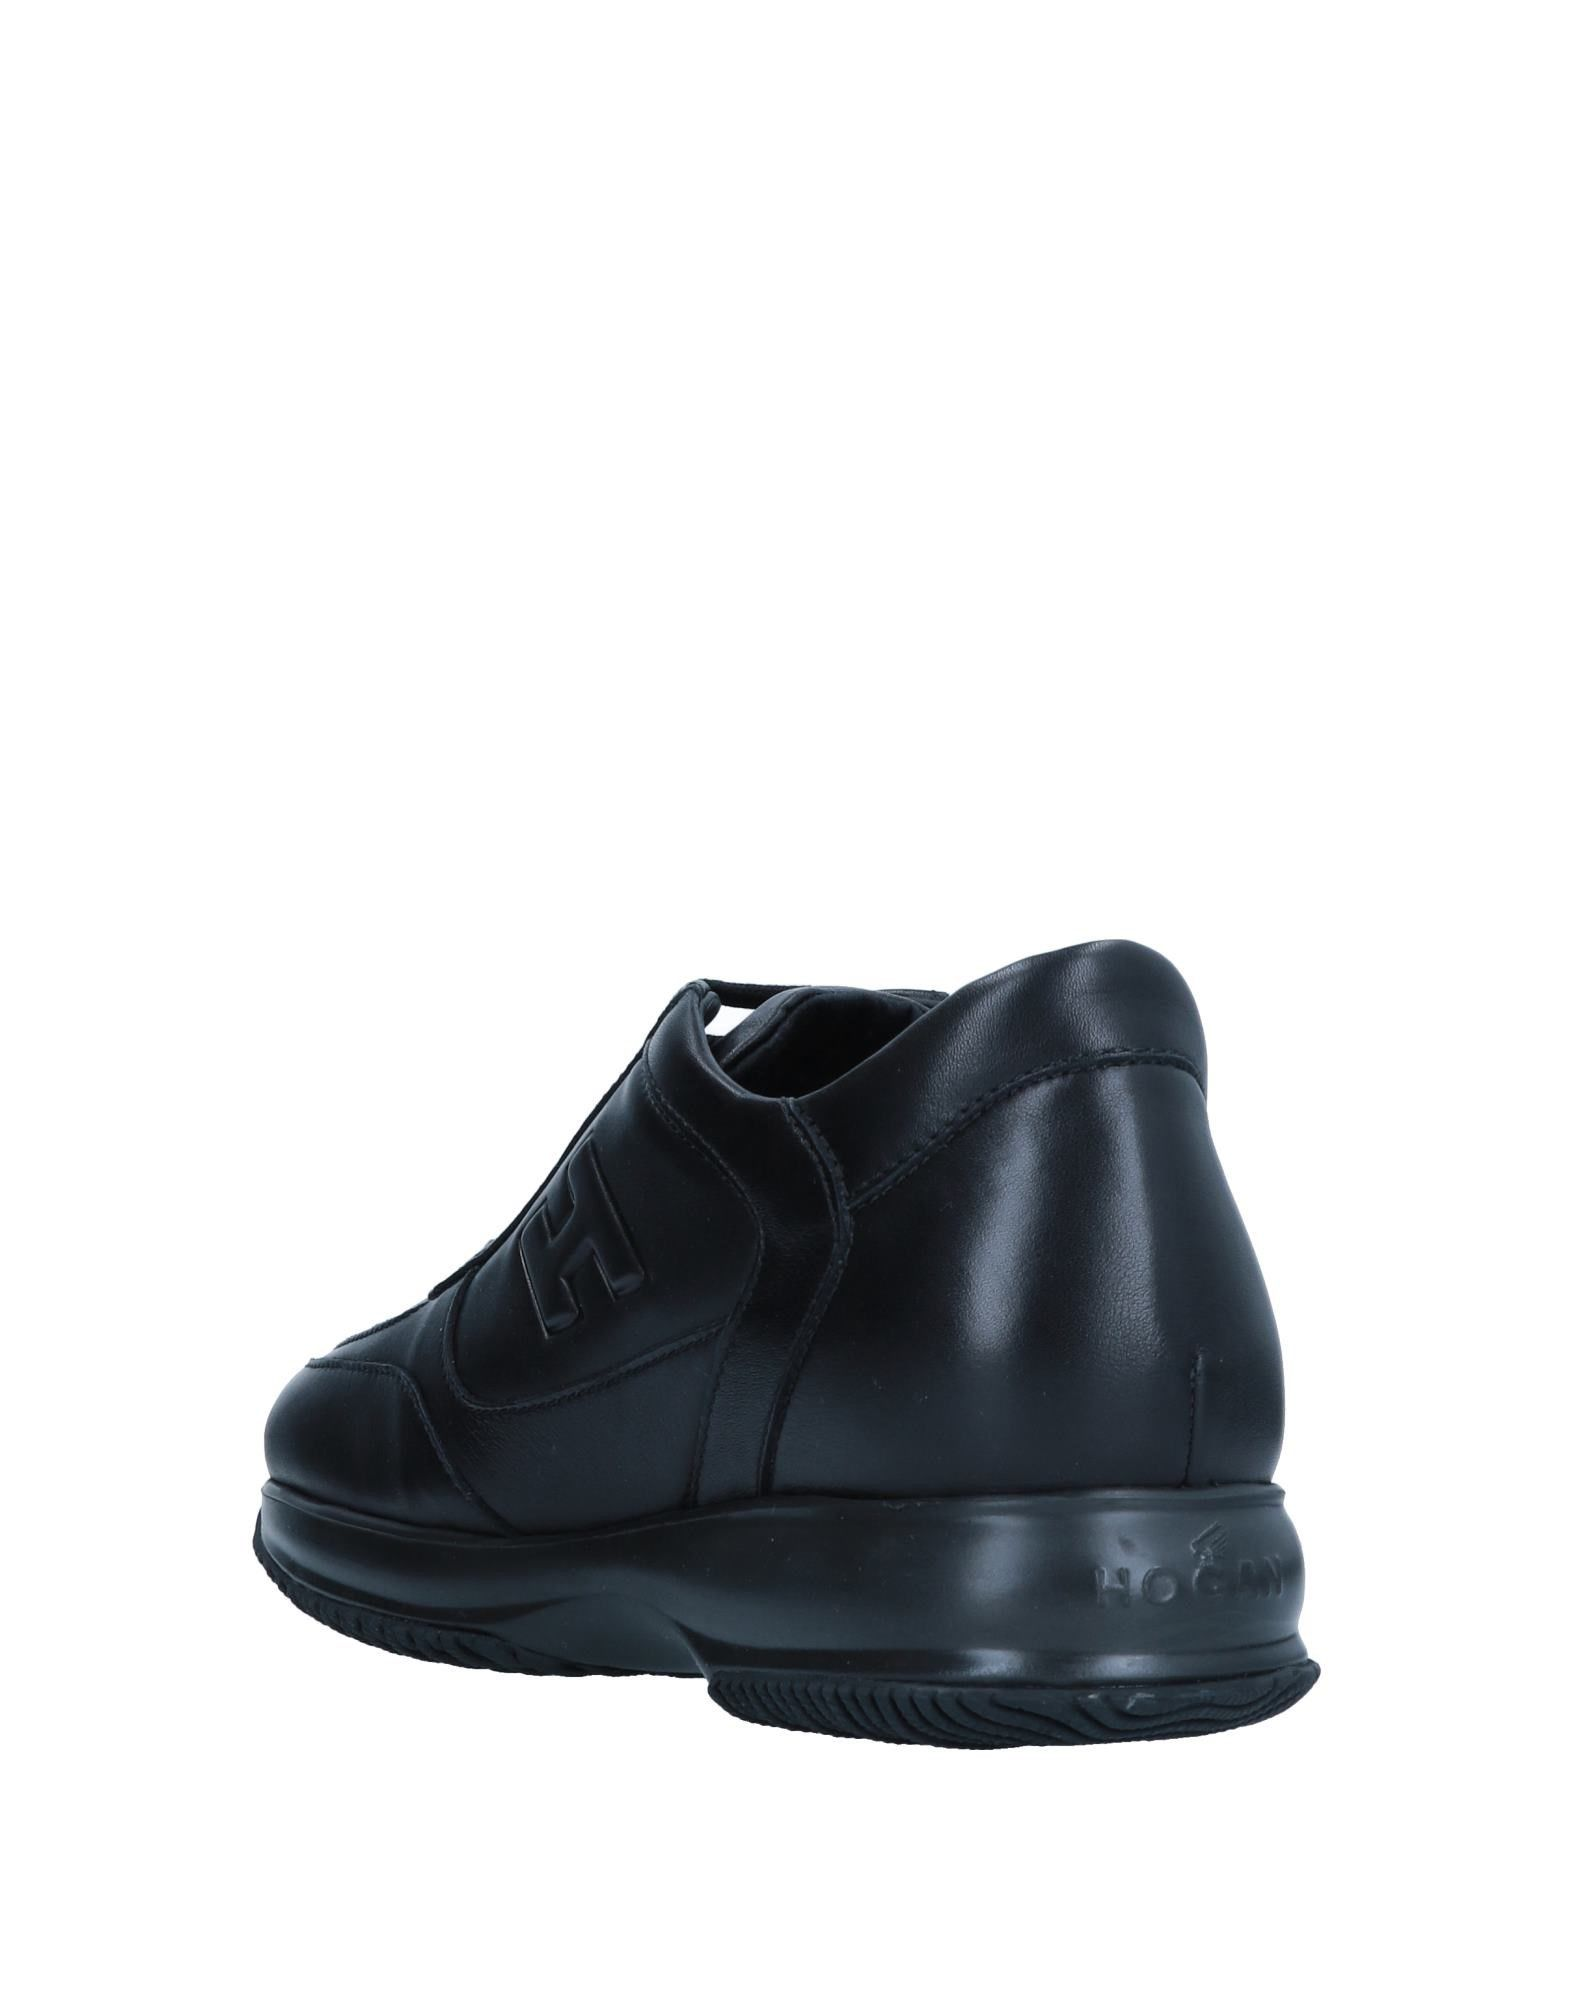 Hogan Sneakers Herren   Herren 11548707DP  d338b8